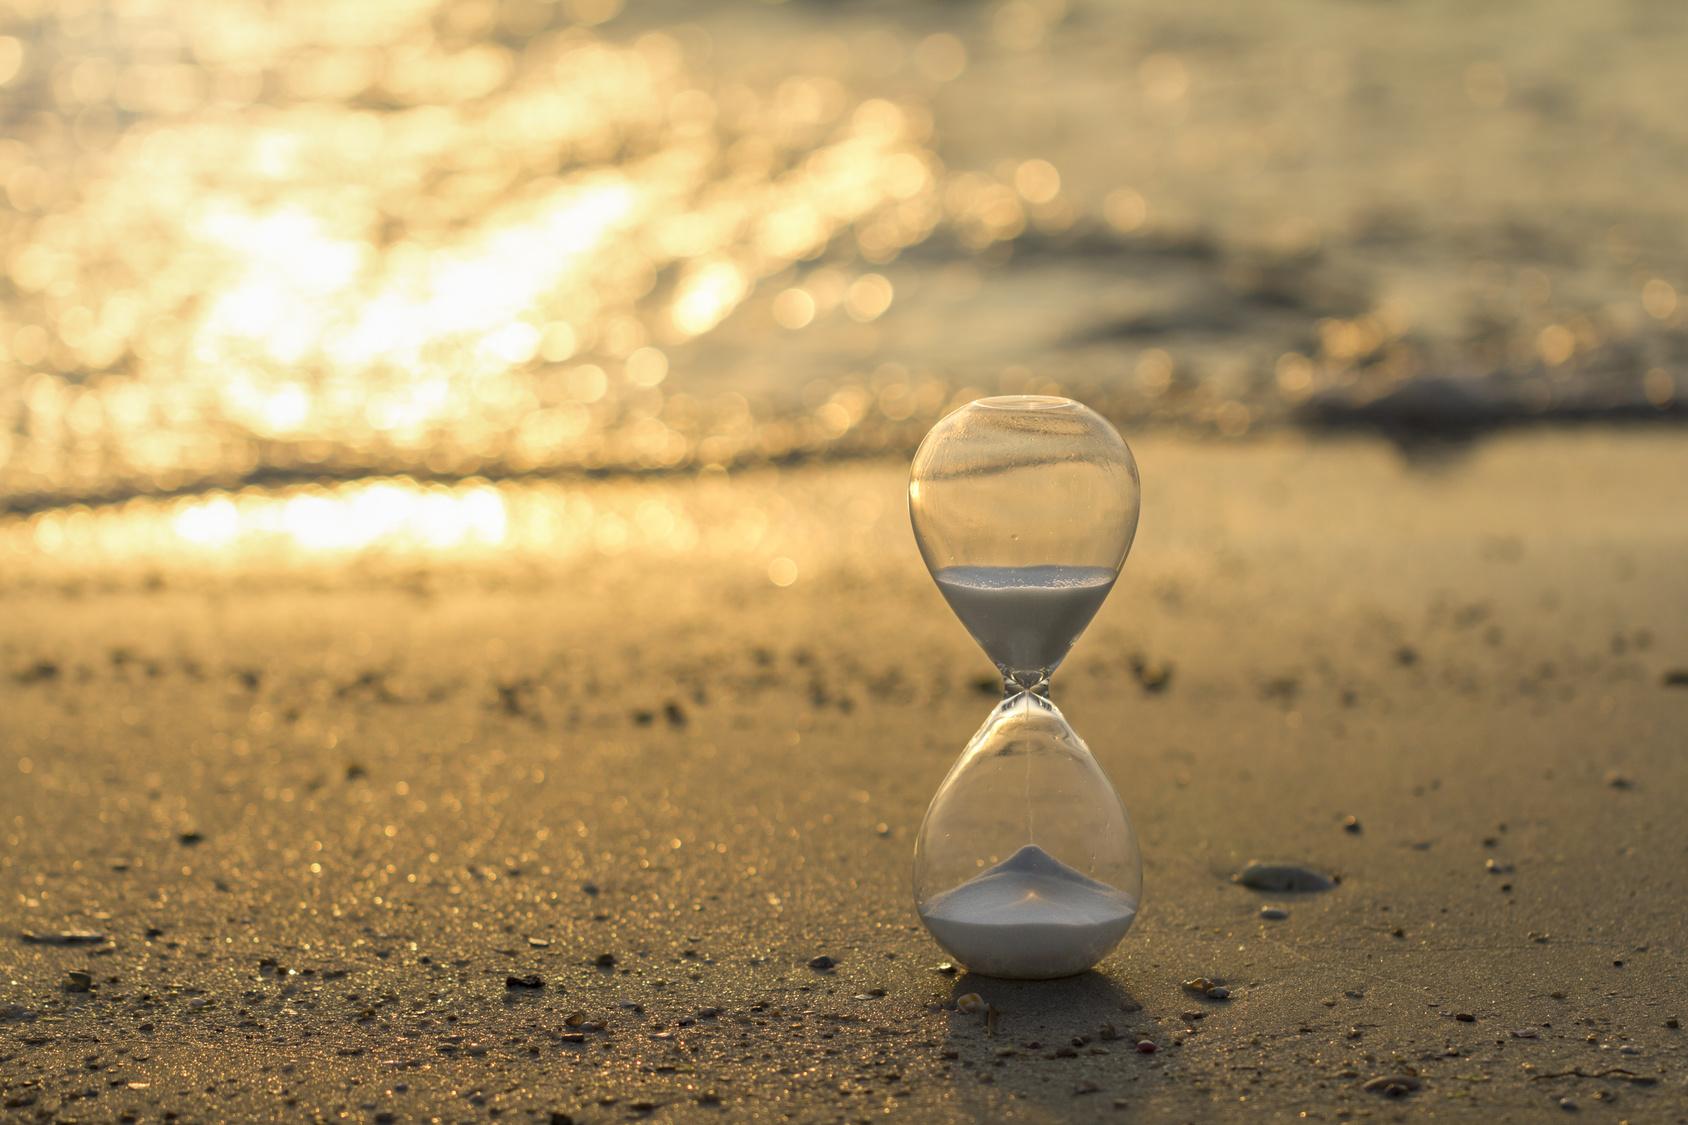 Hayatı ve zamanı tüketiyoruz. Sahilde akan bir kum saati fotoğrafı.